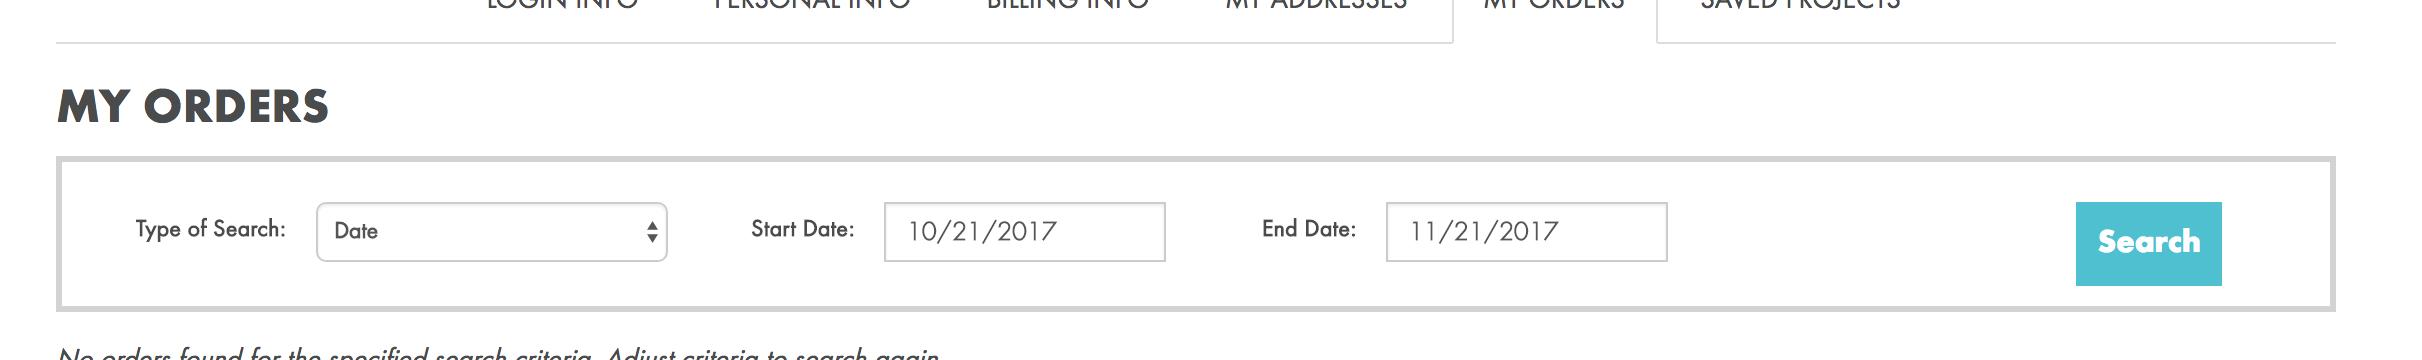 order-status.png